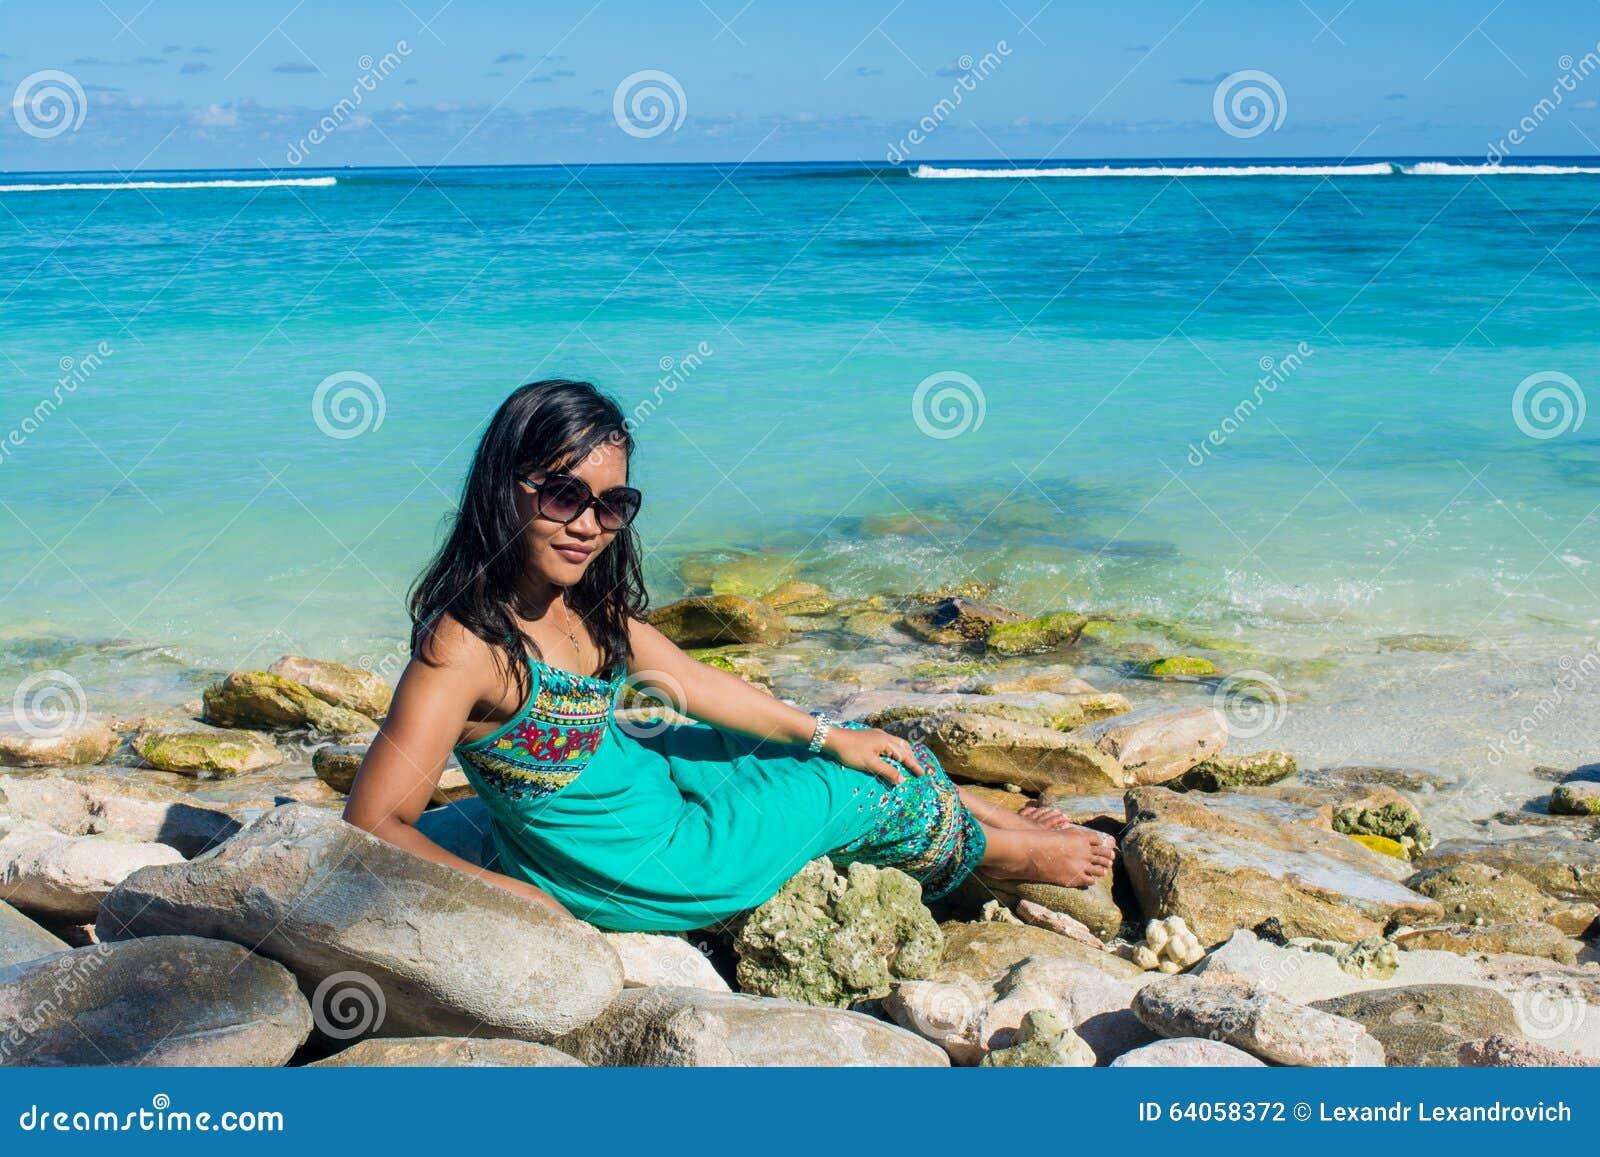 Скачать фото красивой девушки с мальдивов